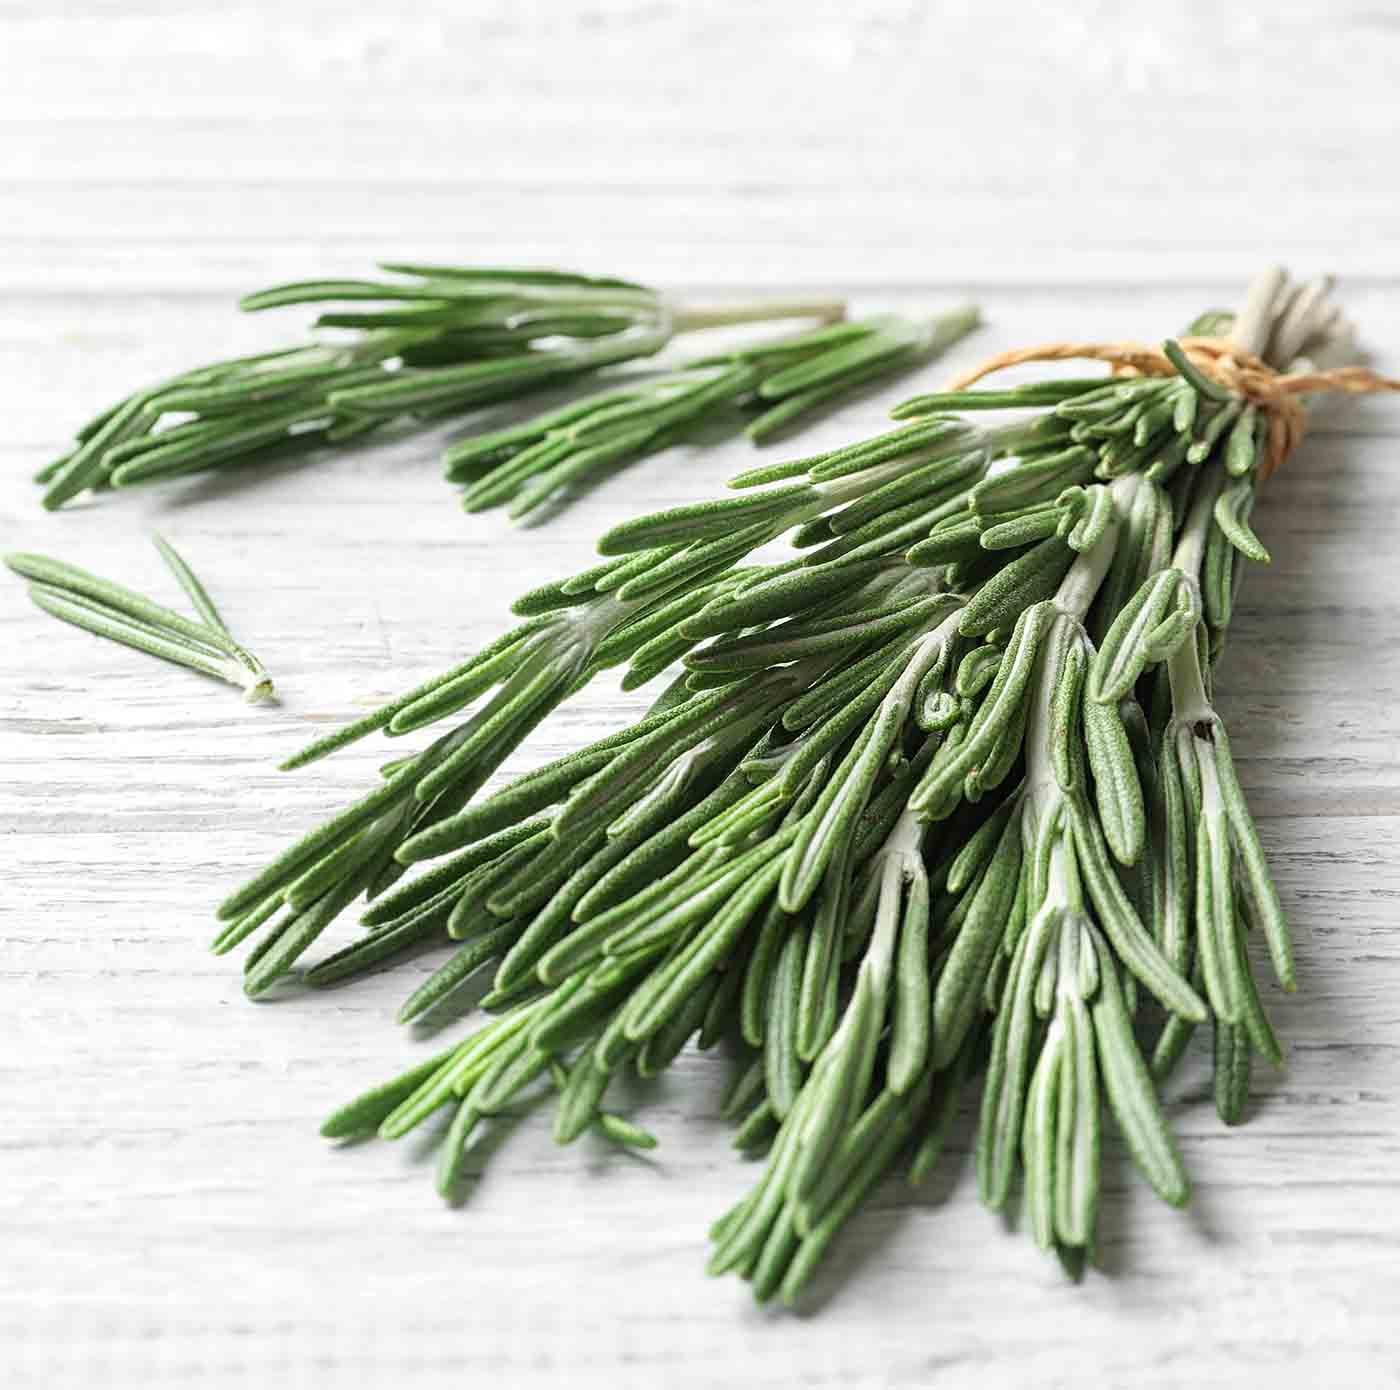 Als sekundäre Pflanzenstoffe (sog. Phytamine) bezeichnet man bestimmte chemische Verbindungen, die ausschließlich in pflanzlichen Lebensmitteln vorkommen.